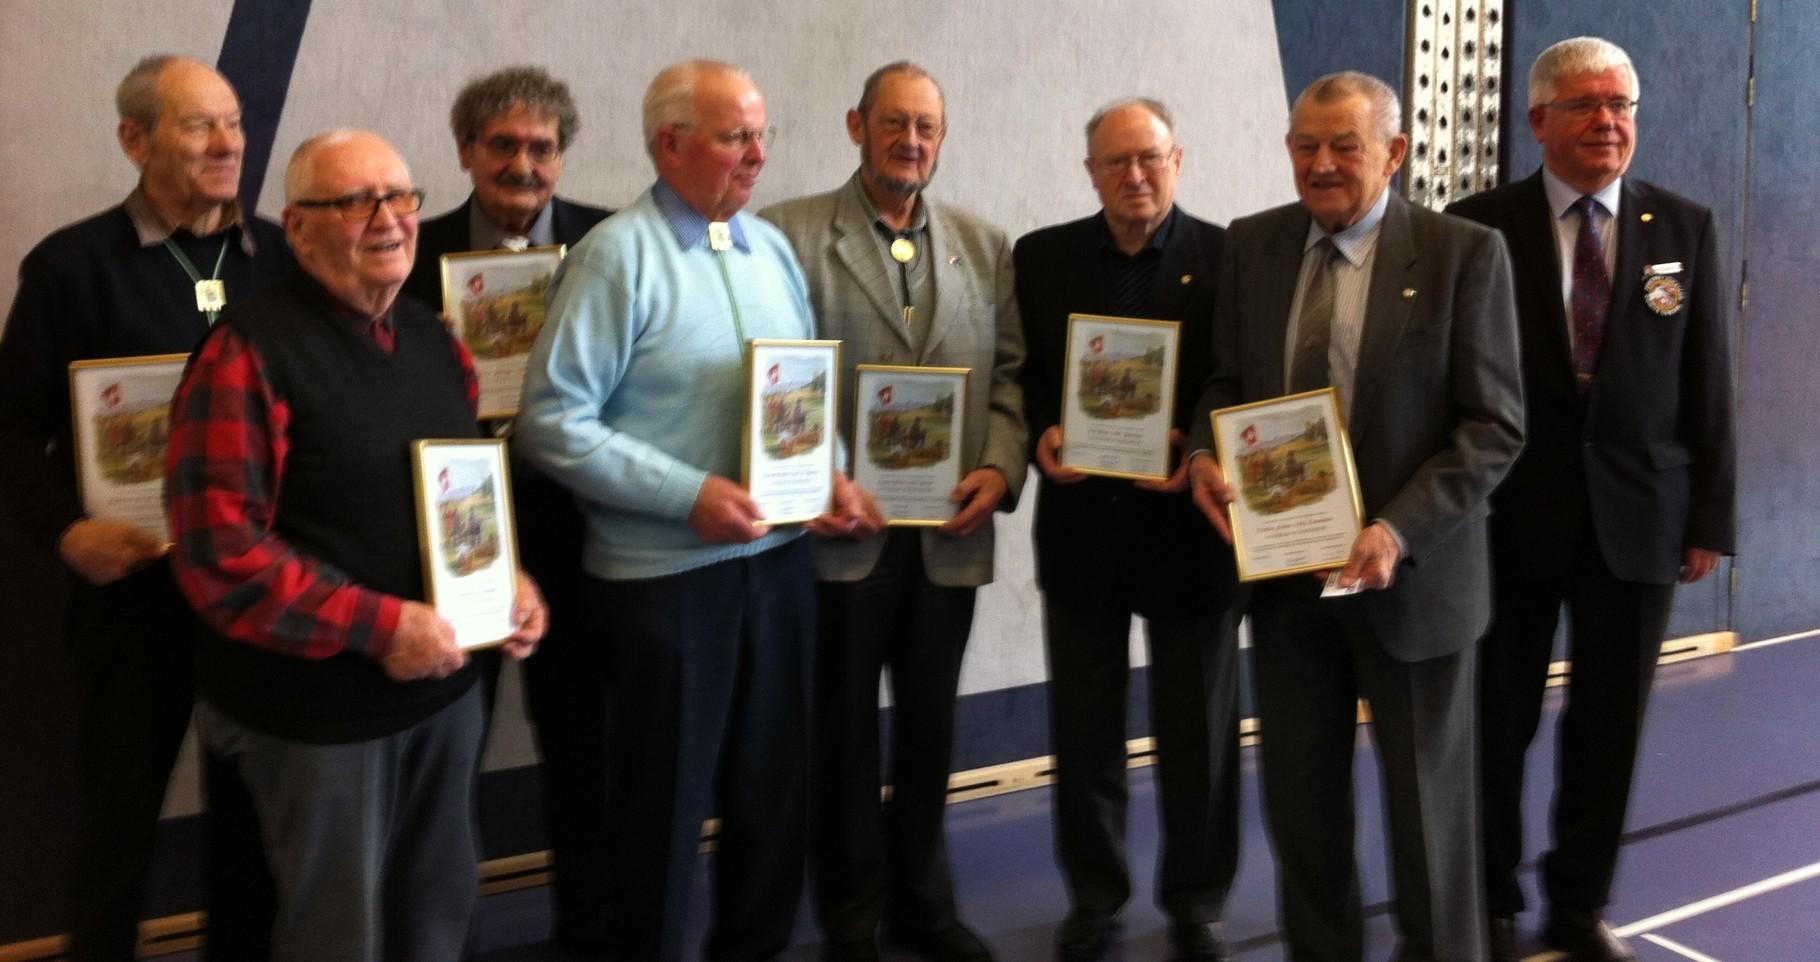 Vétérans d'honneur (80 ans et plus, 10 ans de sociétariat)